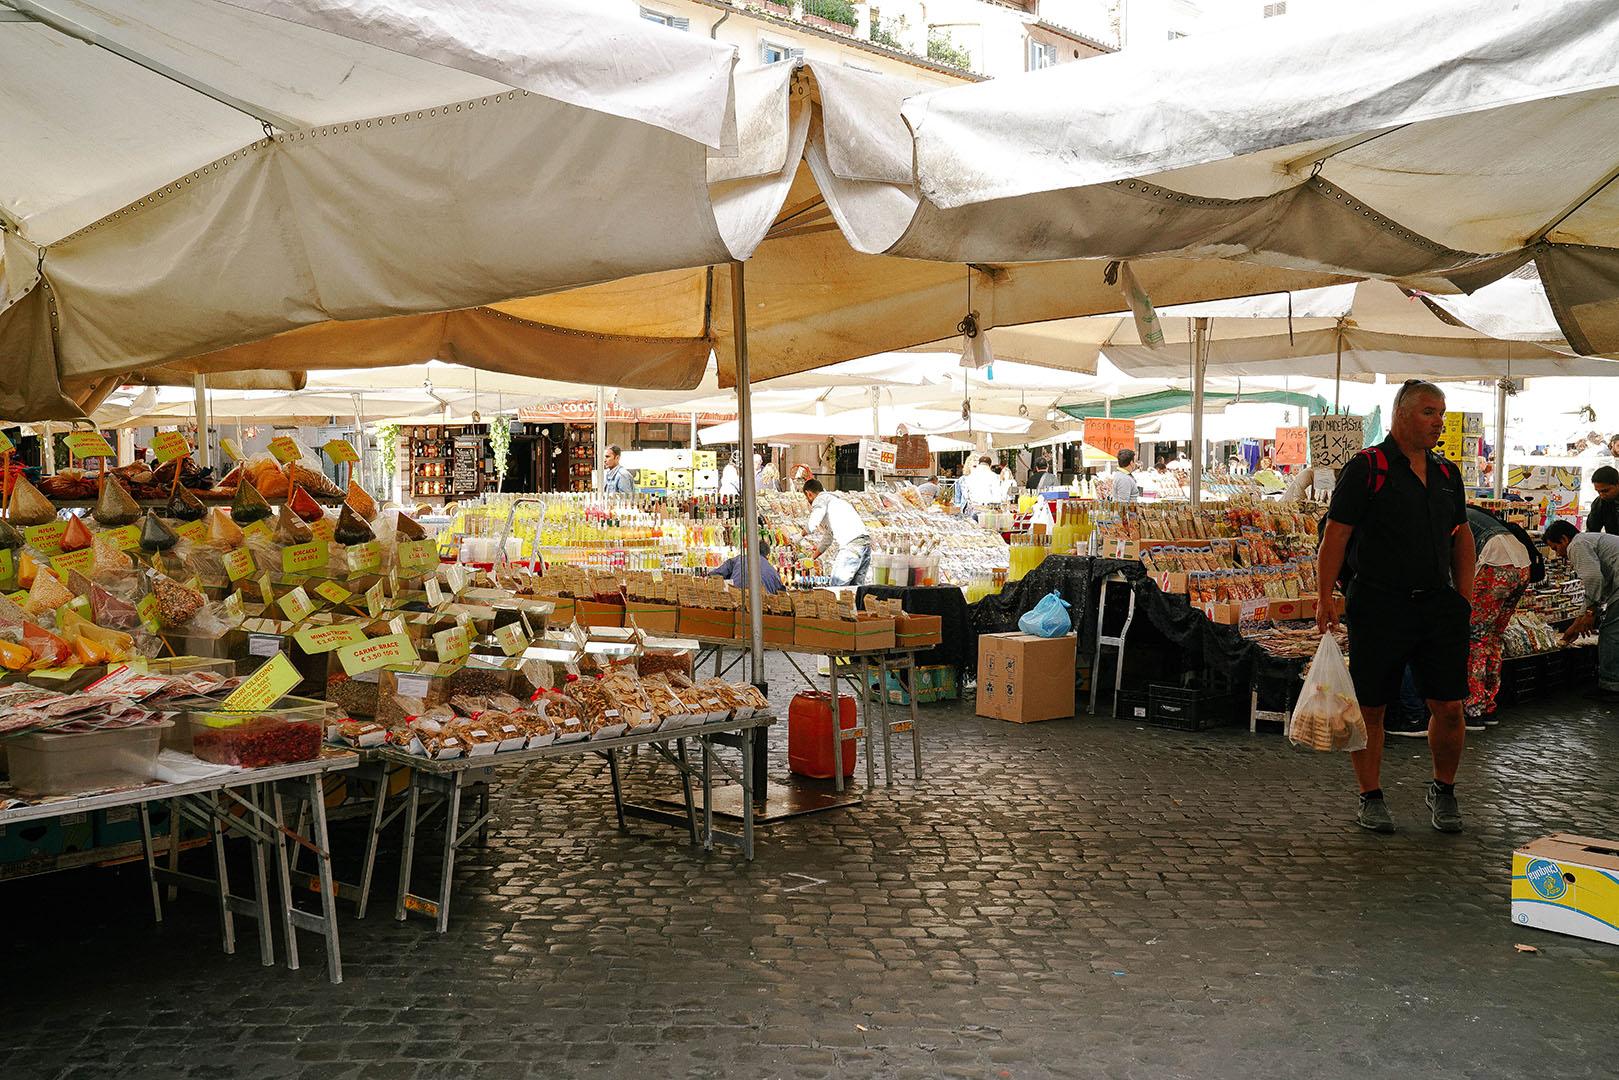 Market at Piazza Campo de'Fiori